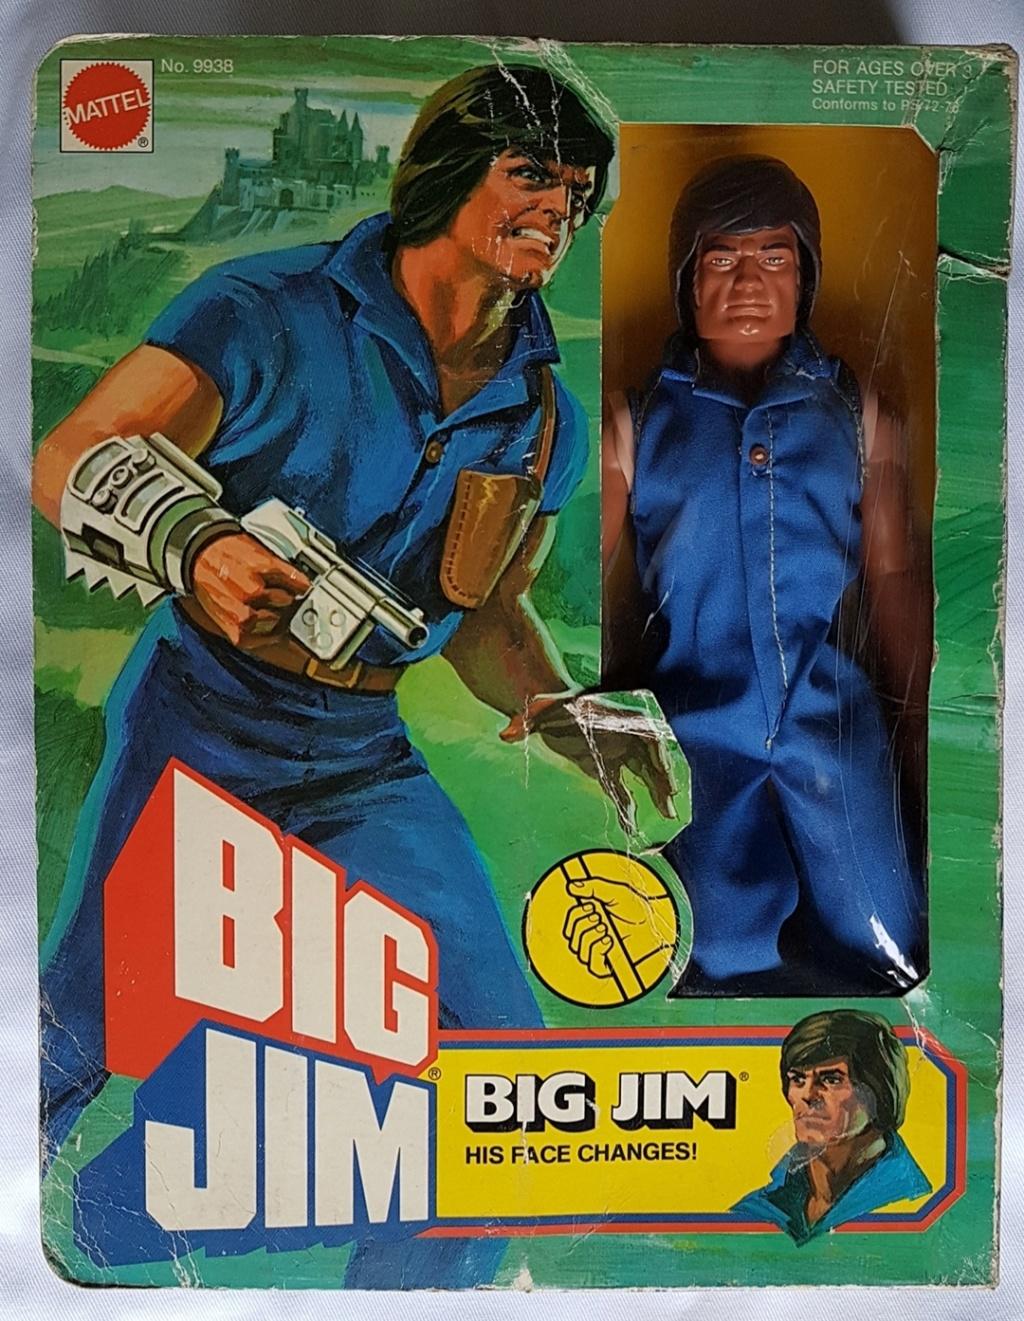 Big Jim Due volti No. 9938 993810